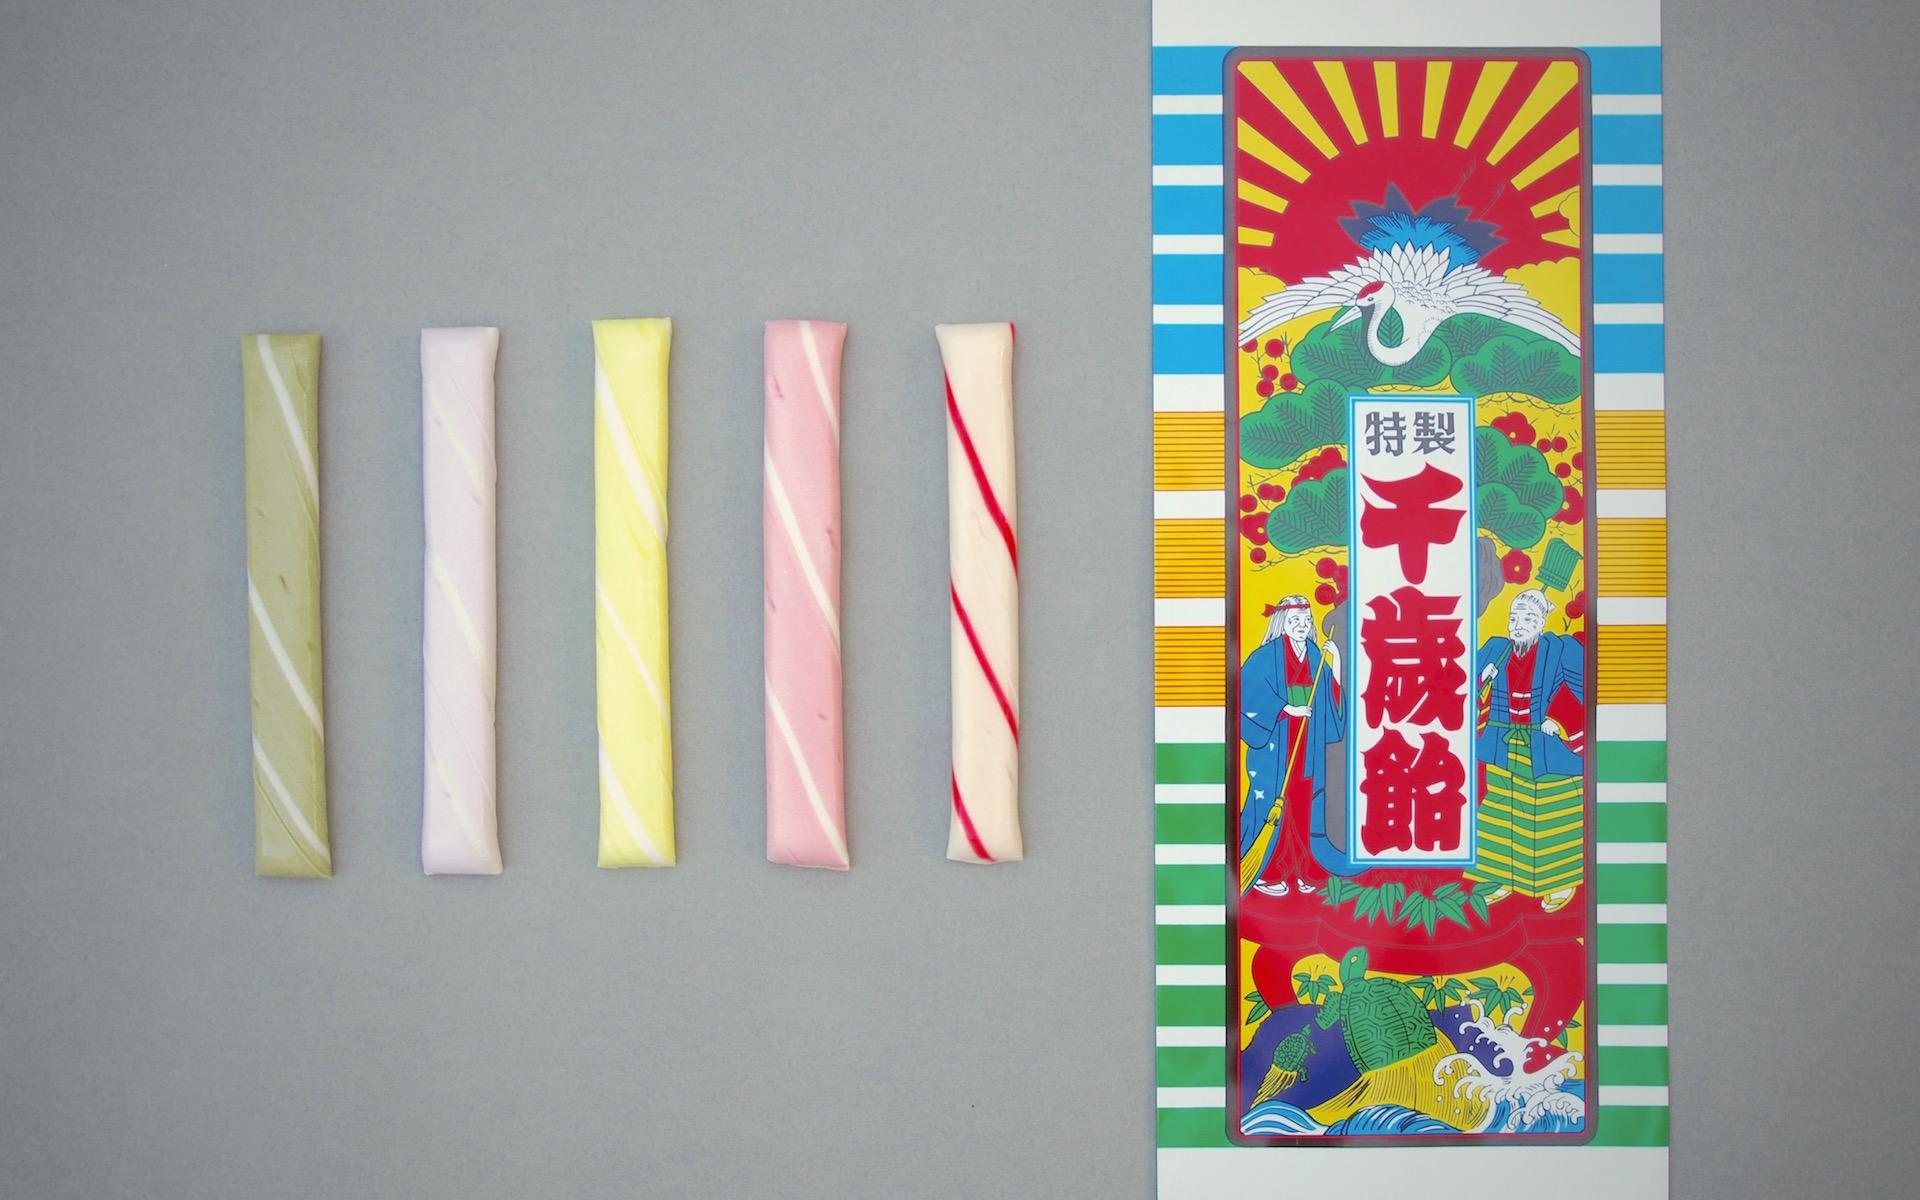 七五三に贈りたい、京都生まれの千歳飴